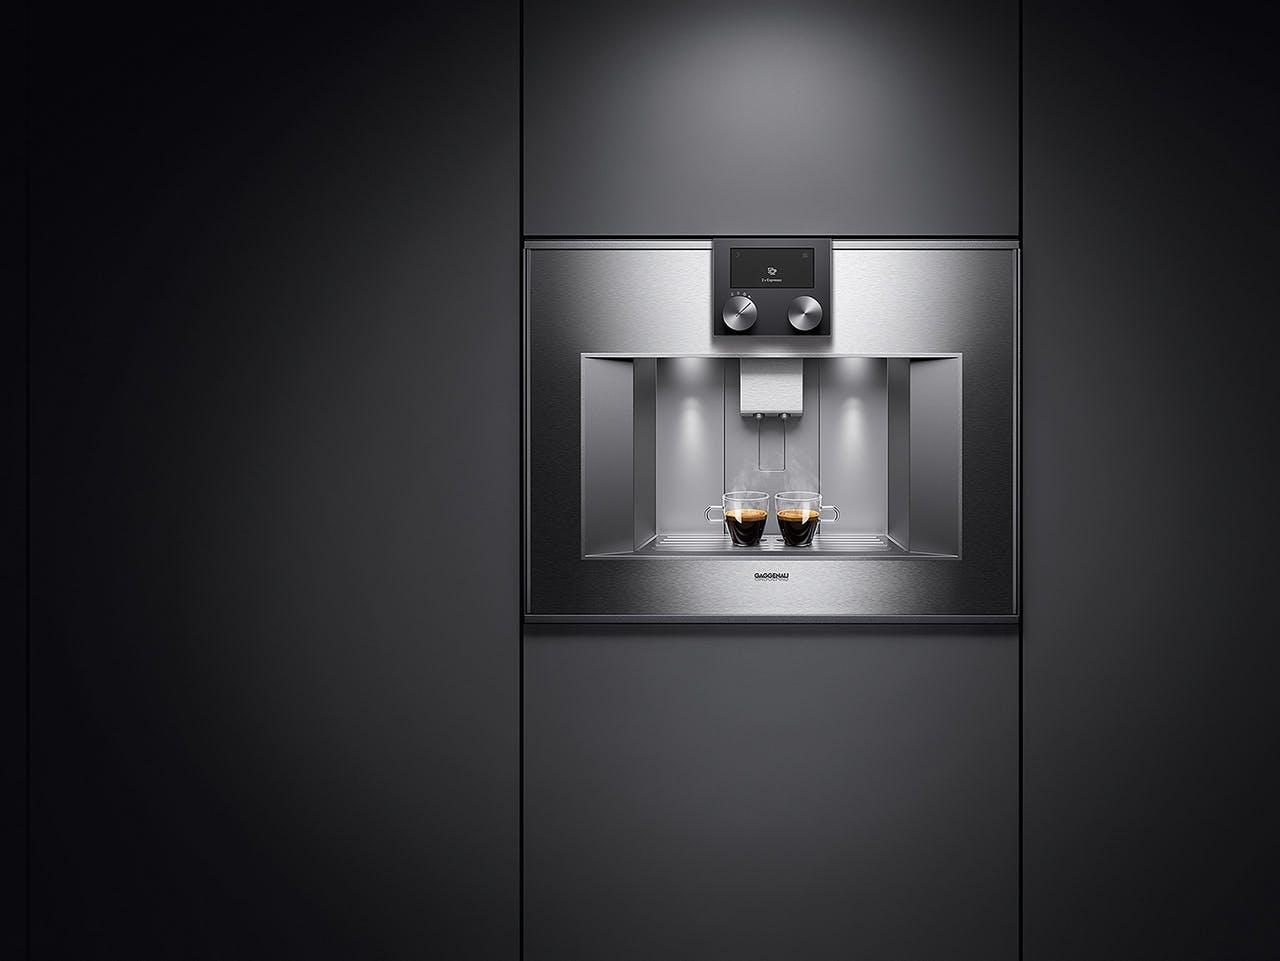 Gaggenau indbygget espressomaskine